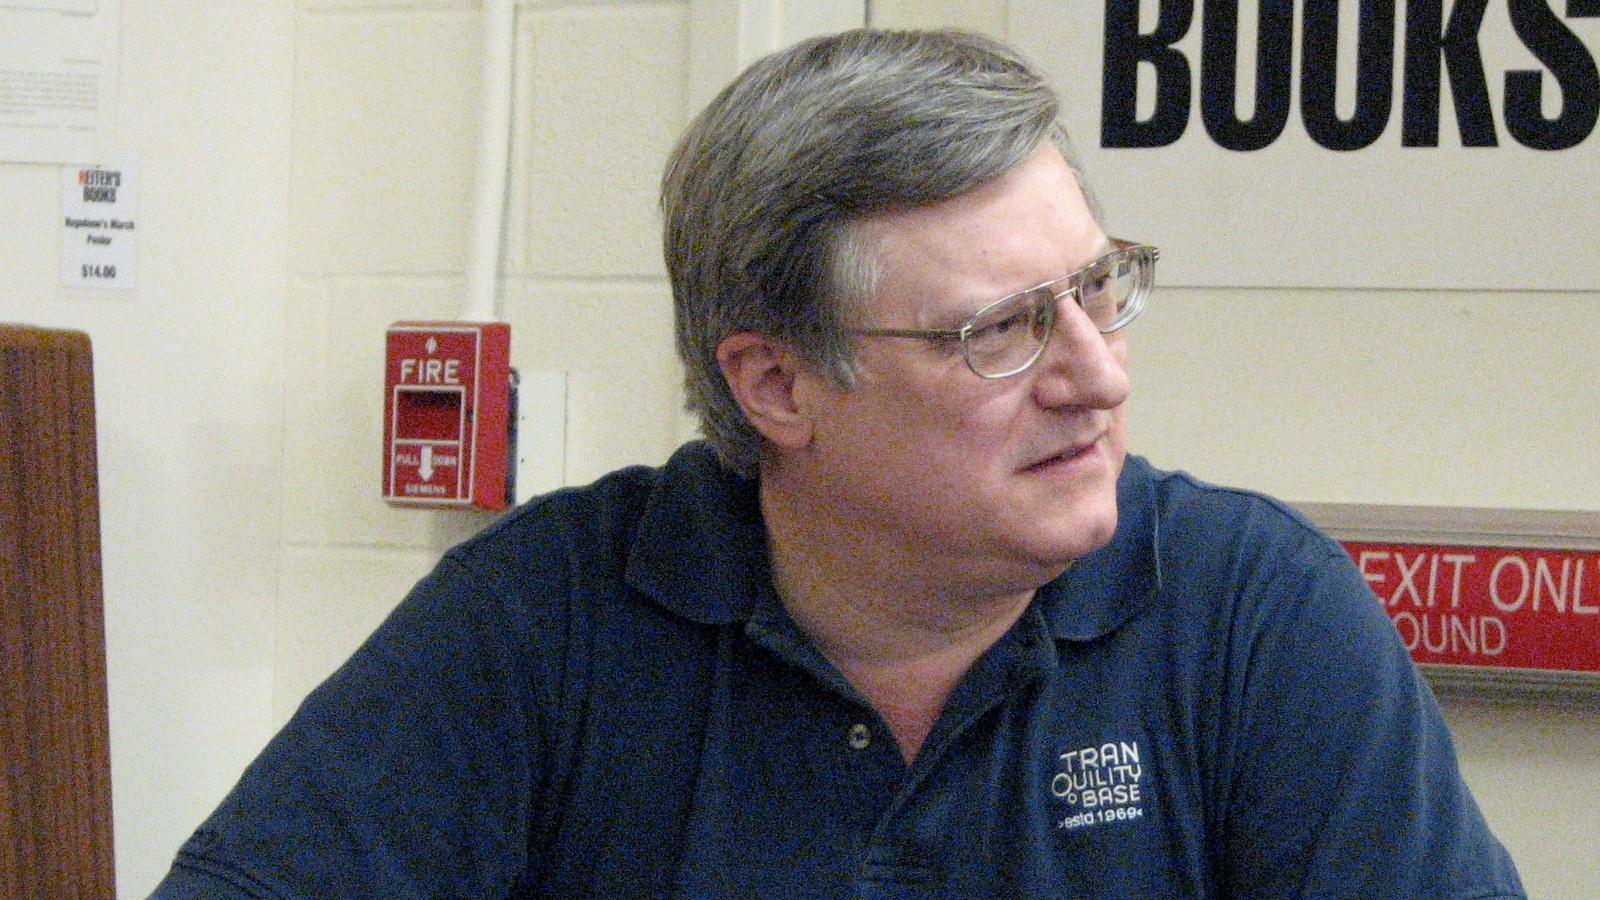 John G. Hemry, alias Jack Campbell